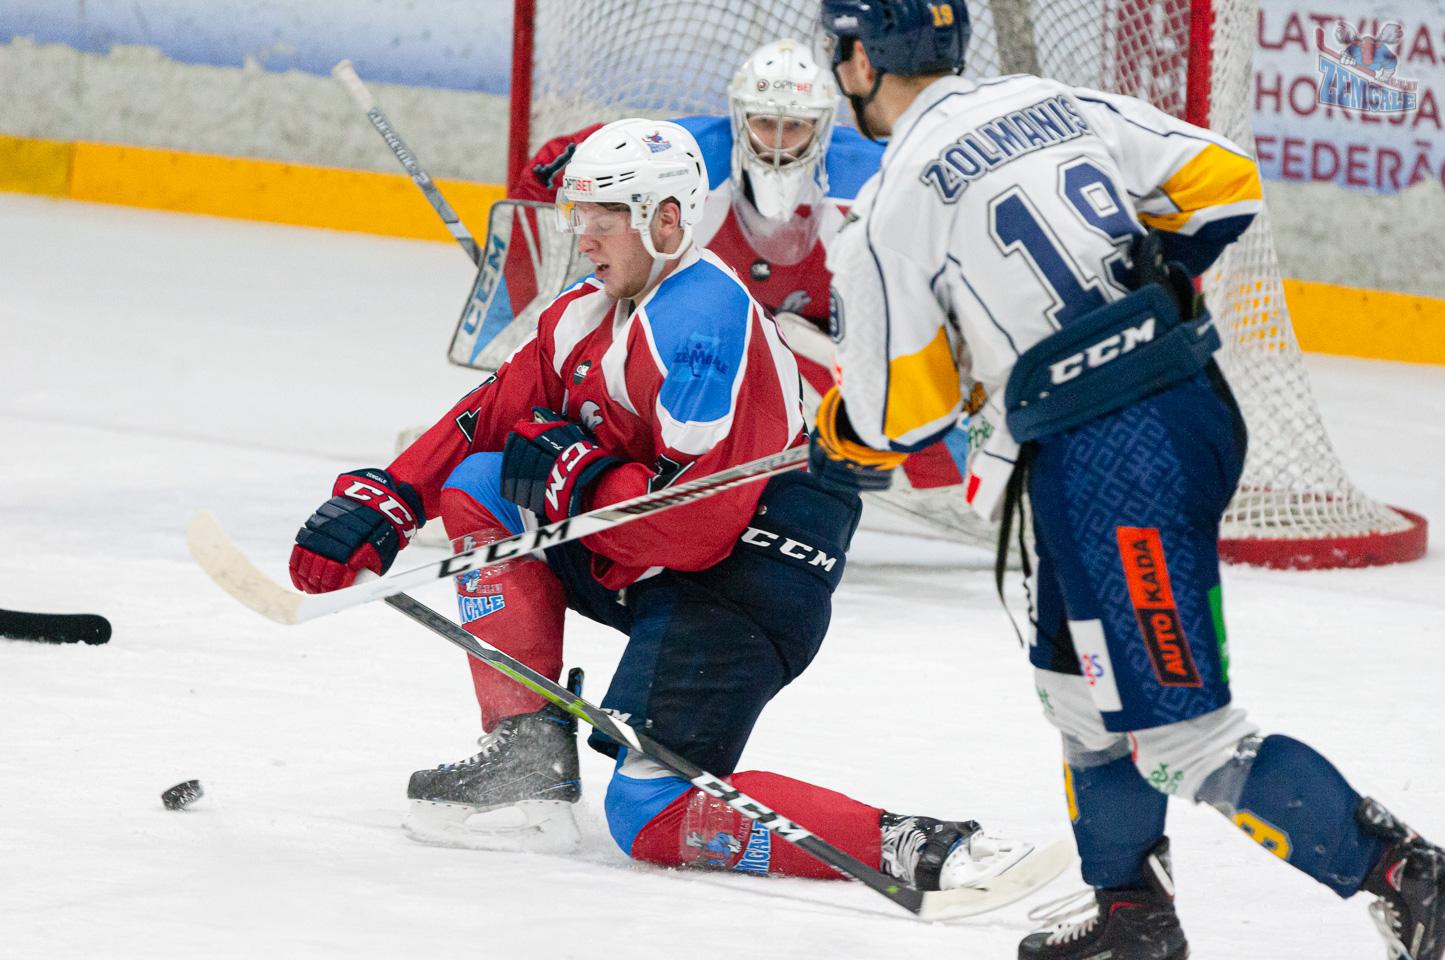 Hokeja aizsargs nosēžas uz ceļiem, lai bloķētu ripas lidojumu